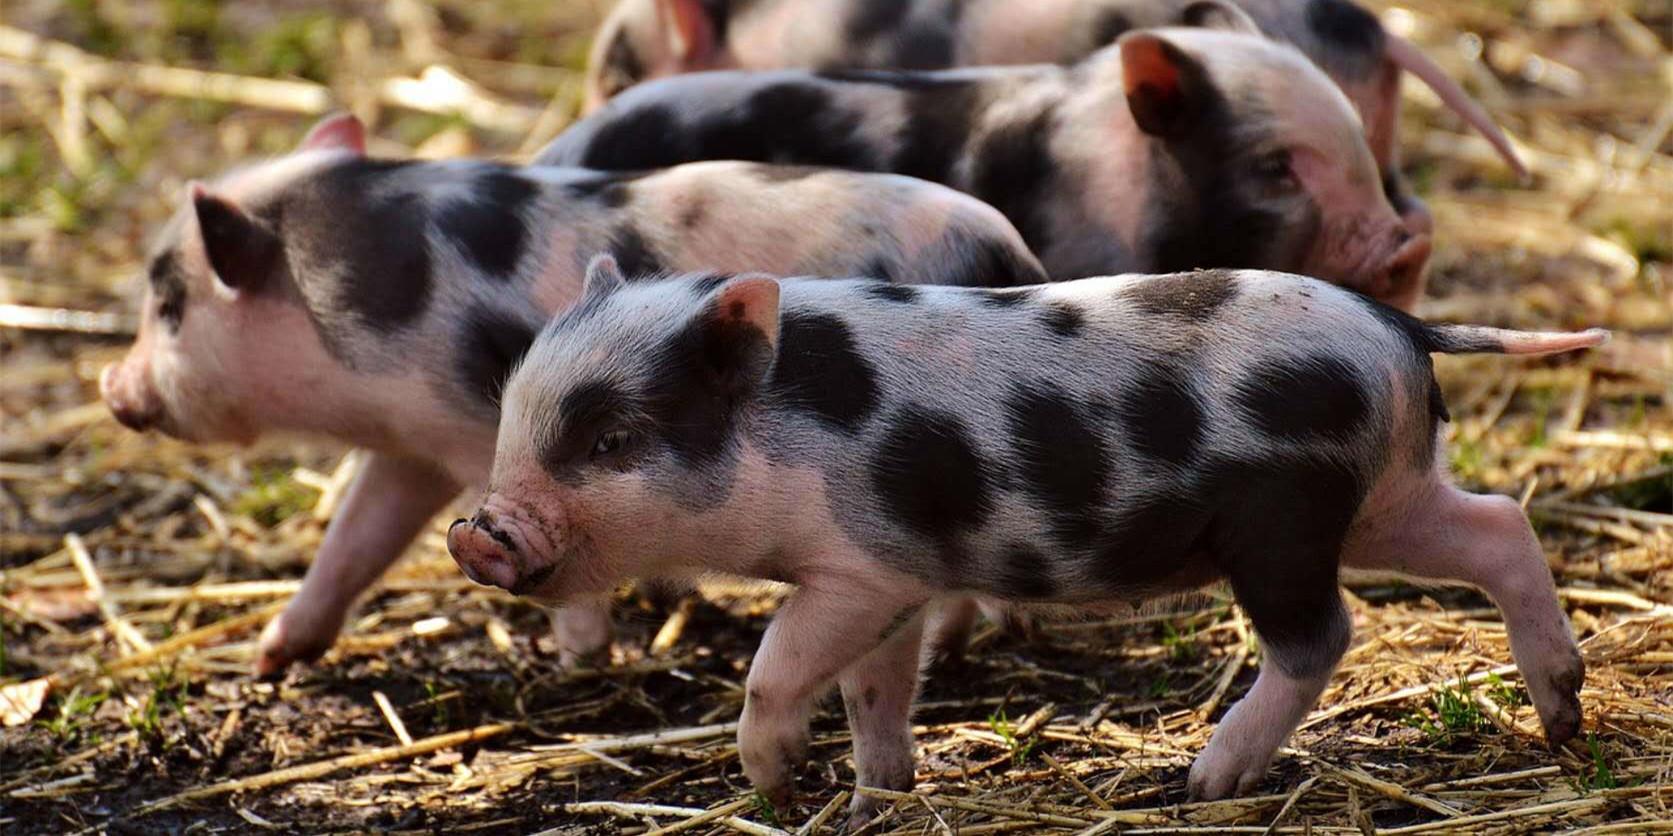 1月14日10公斤仔猪价格,饲料涨价折腾个不停,仔猪还能涨?